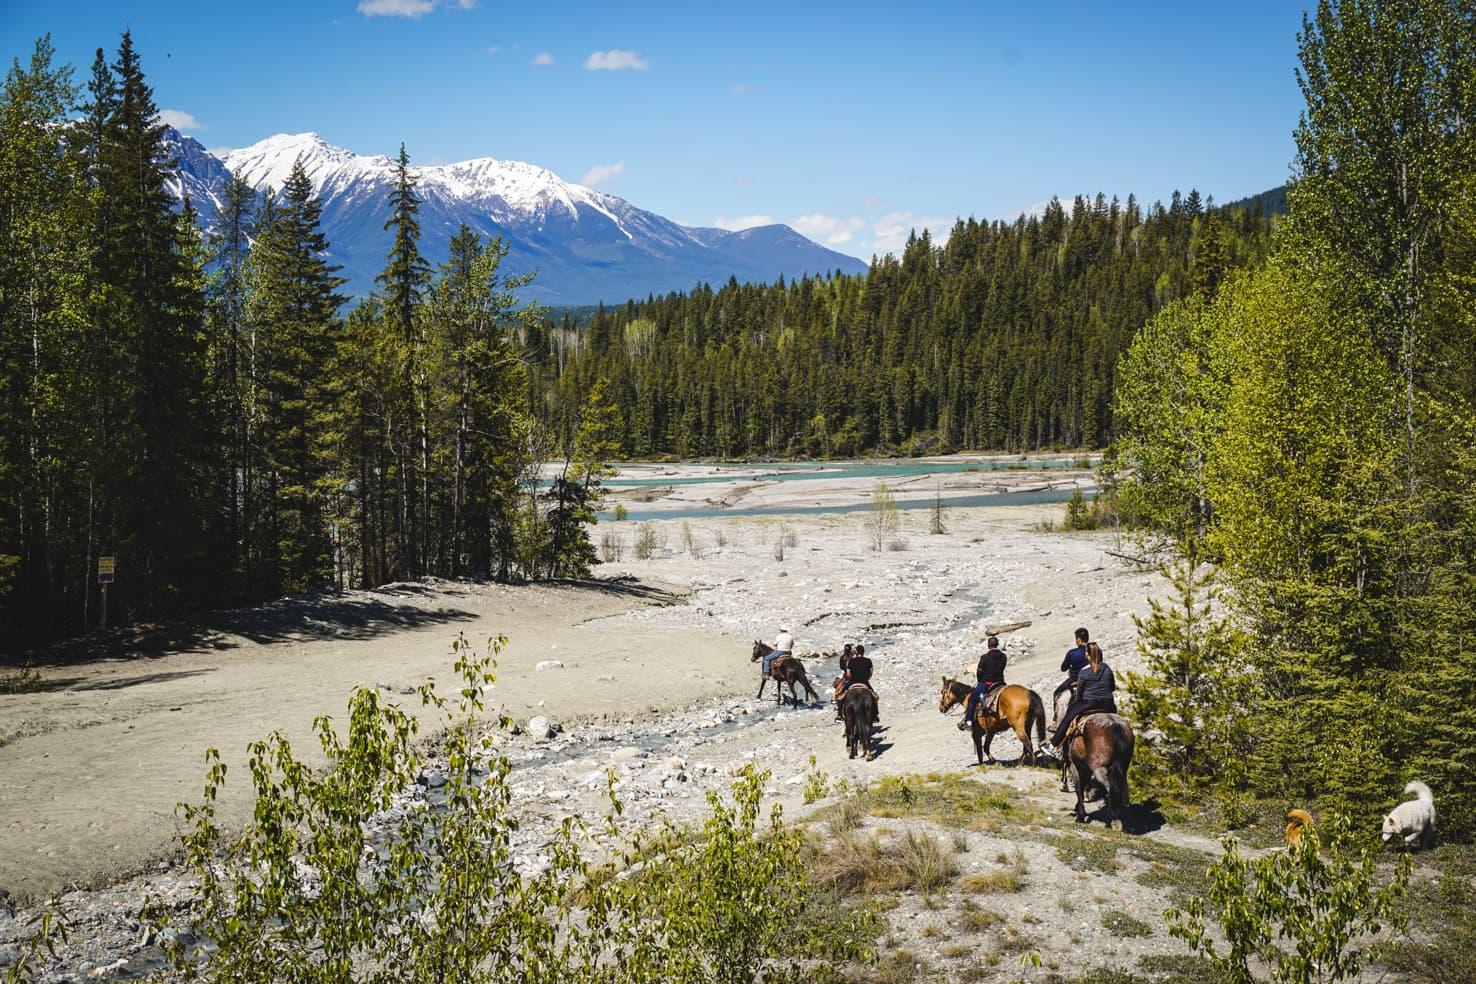 Things to do in Jasper National Park - 49 Go horseback riding